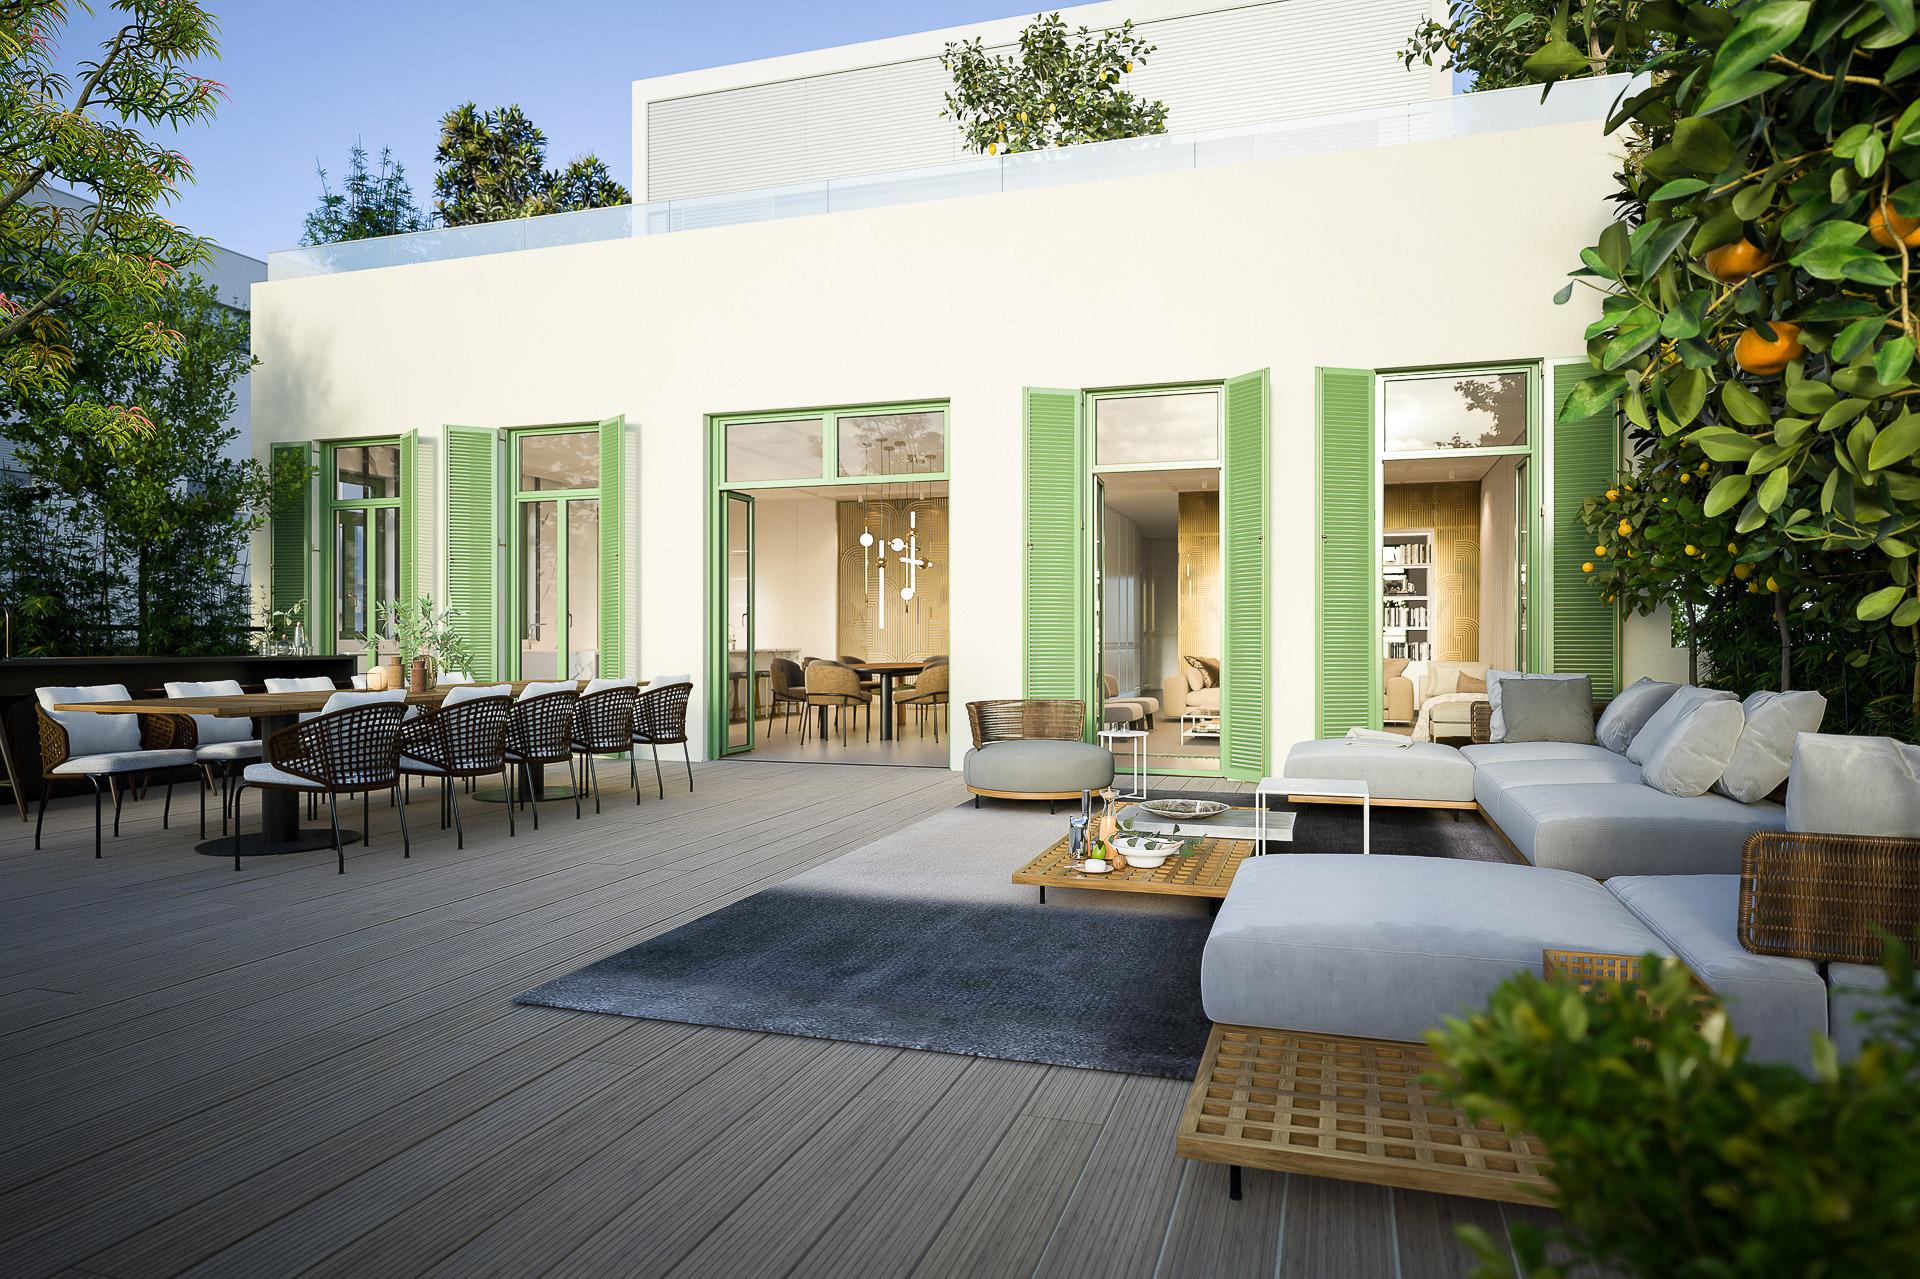 balcony_cam12.RGB_color.0000-2